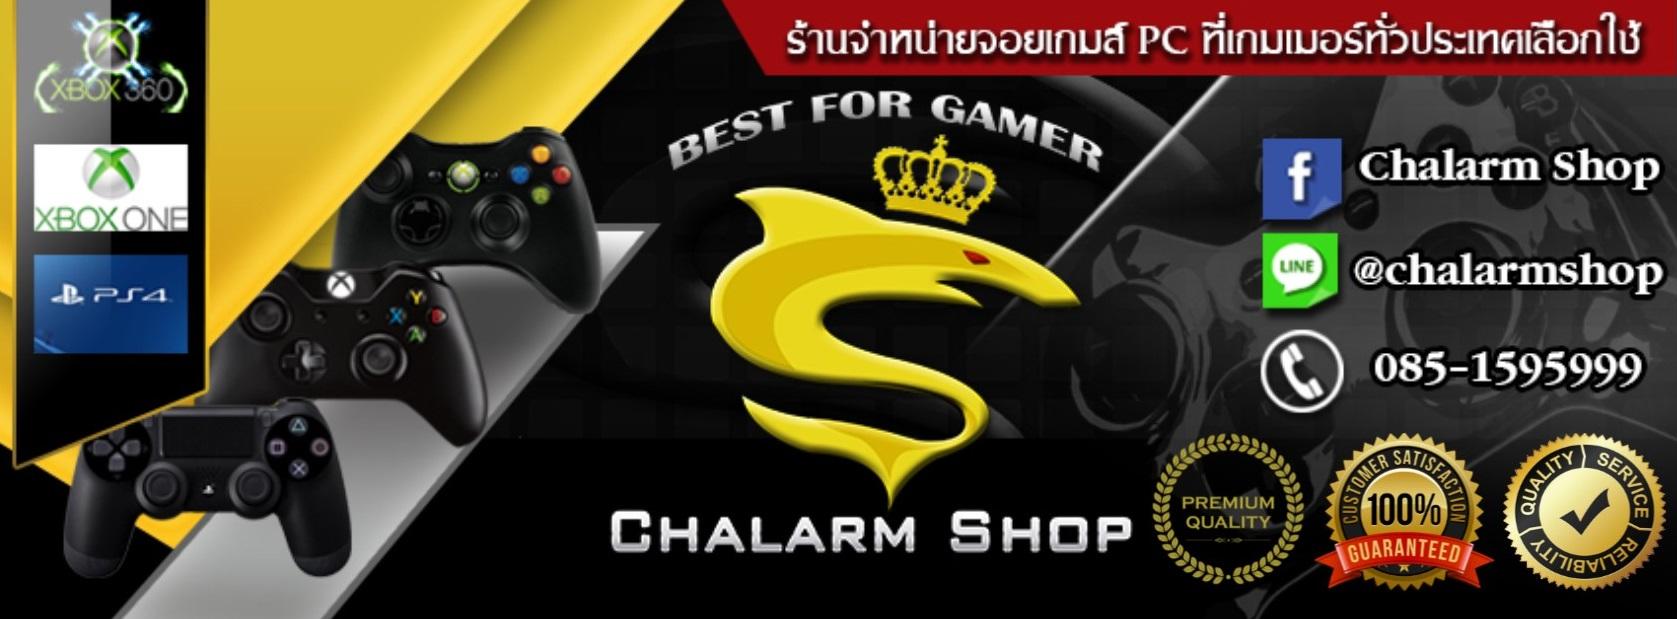 ChaLarmShop